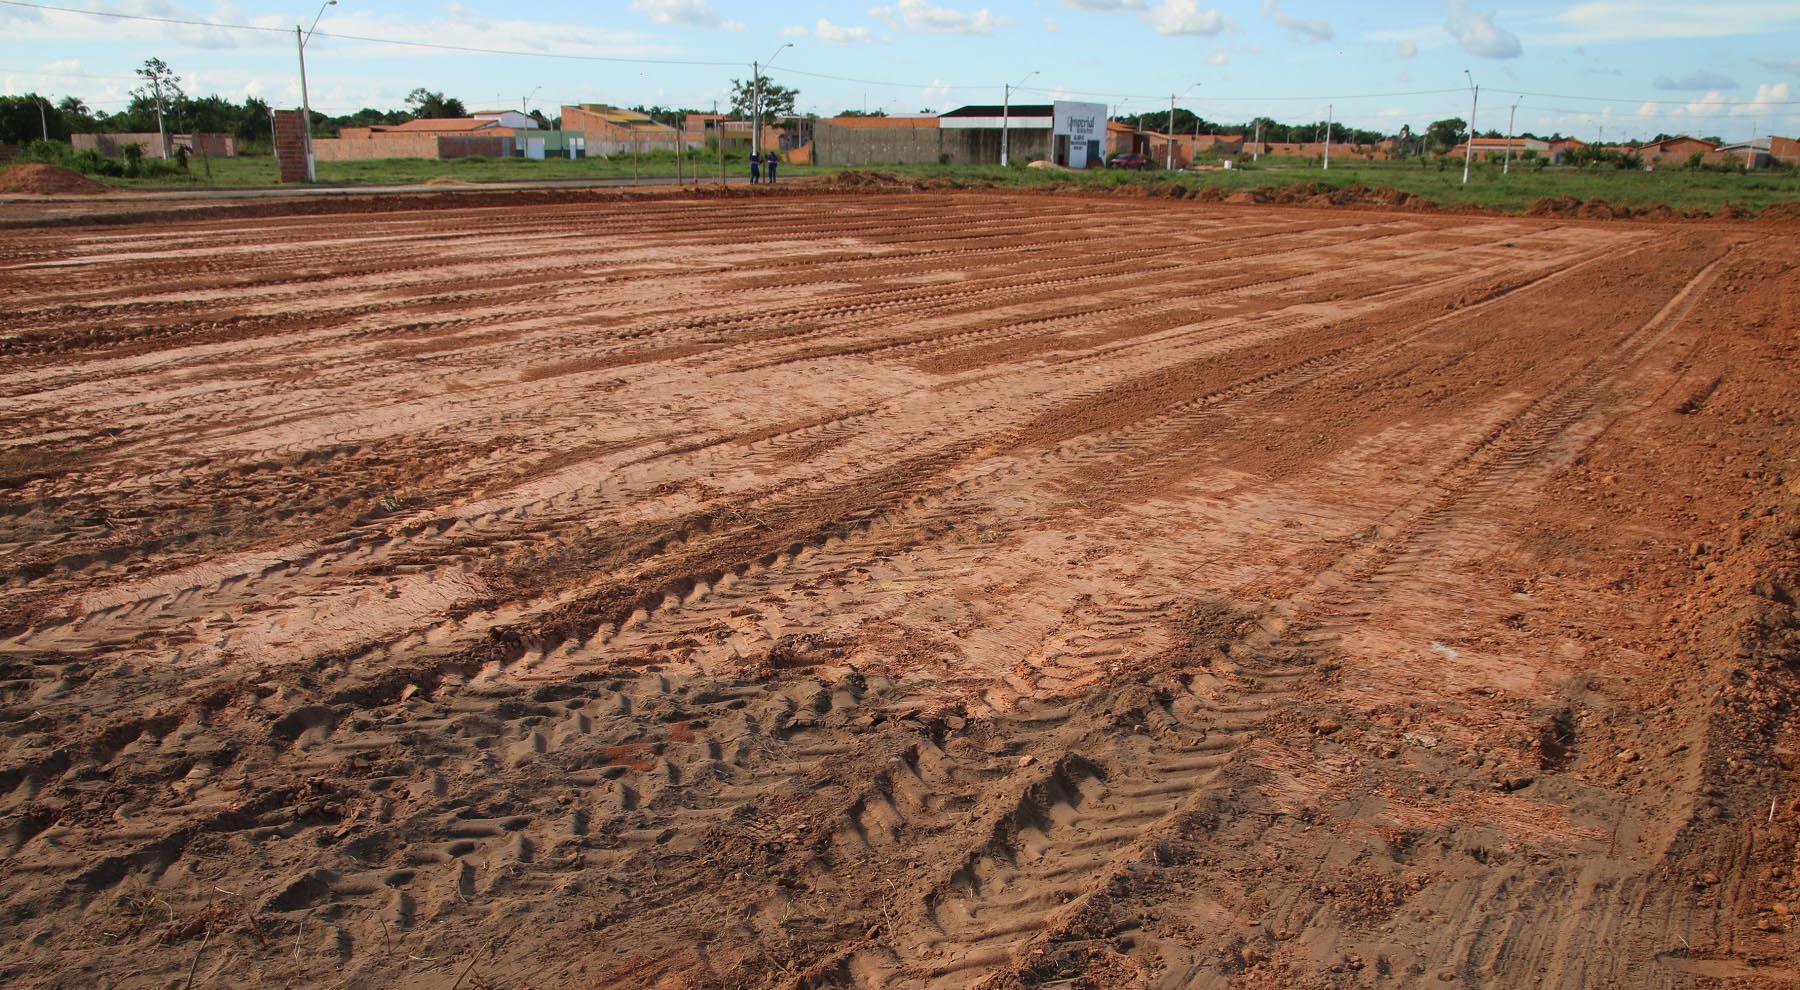 Serviços de terraplanagem foram iniciados na área de  2.700 m² no bairro Parque Alvorada. Foto: Jackson Silva/Sinfra